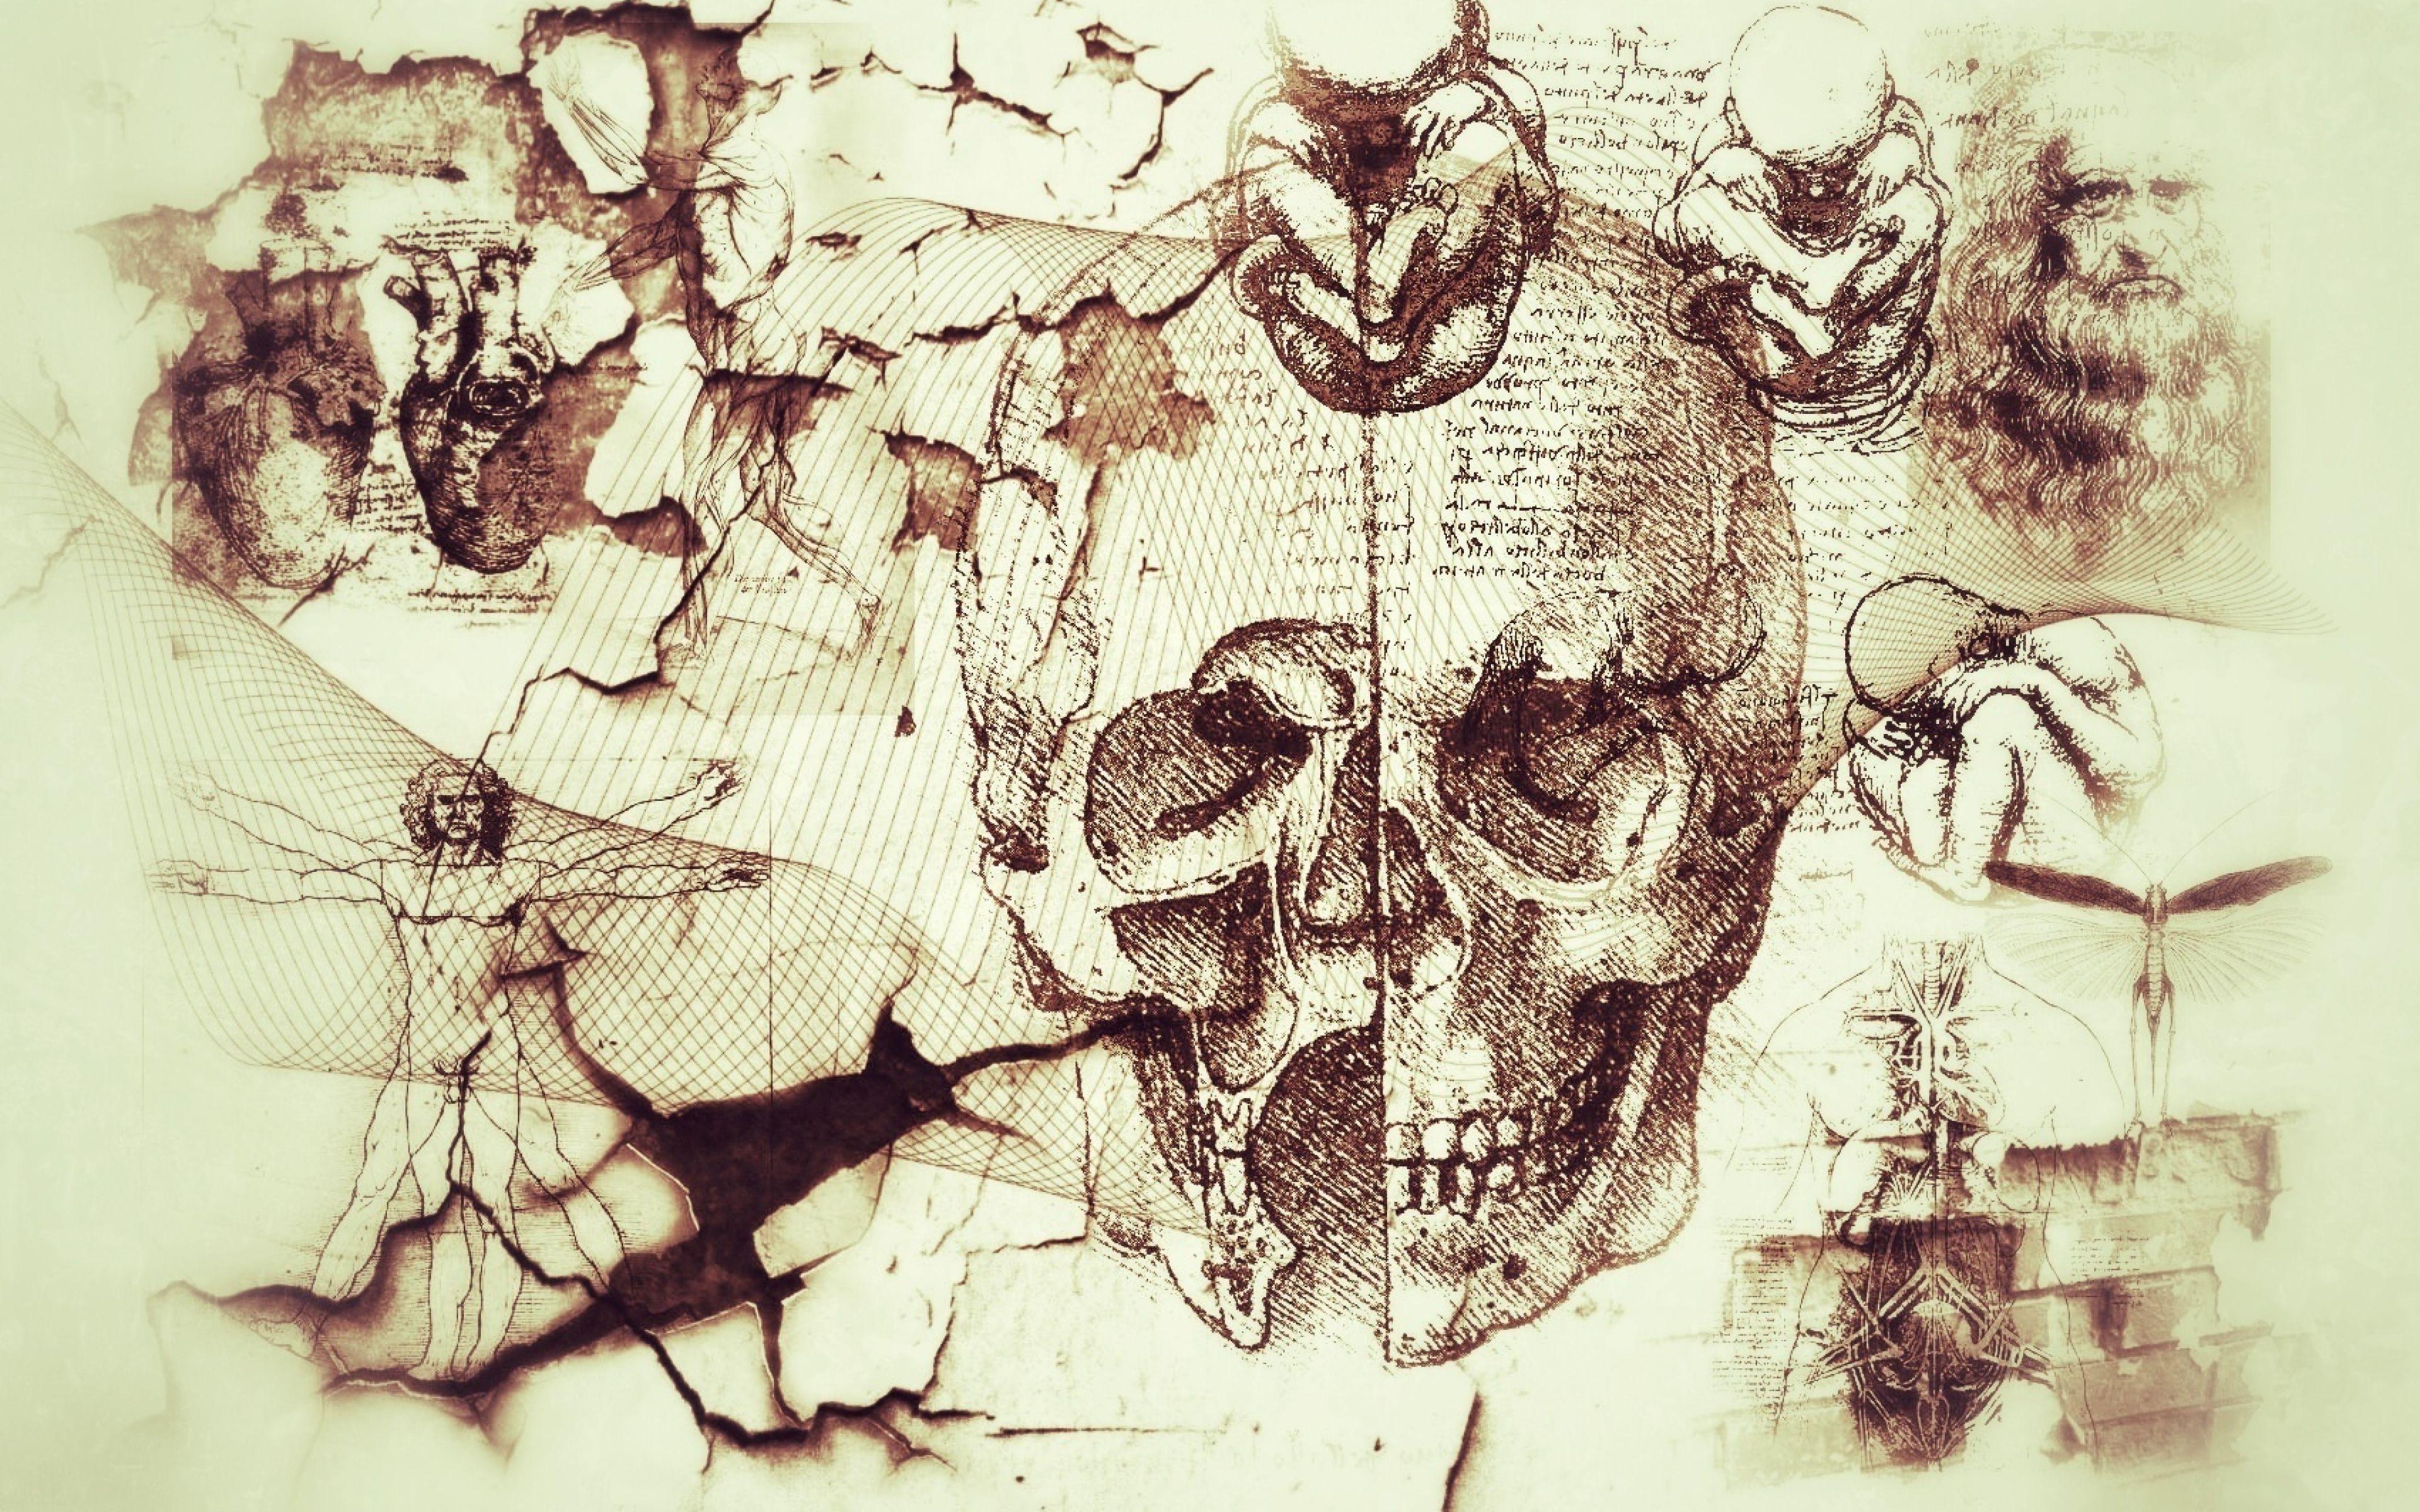 Leonardo Da Vinci Wallpapers - Top Free Leonardo Da Vinci ...